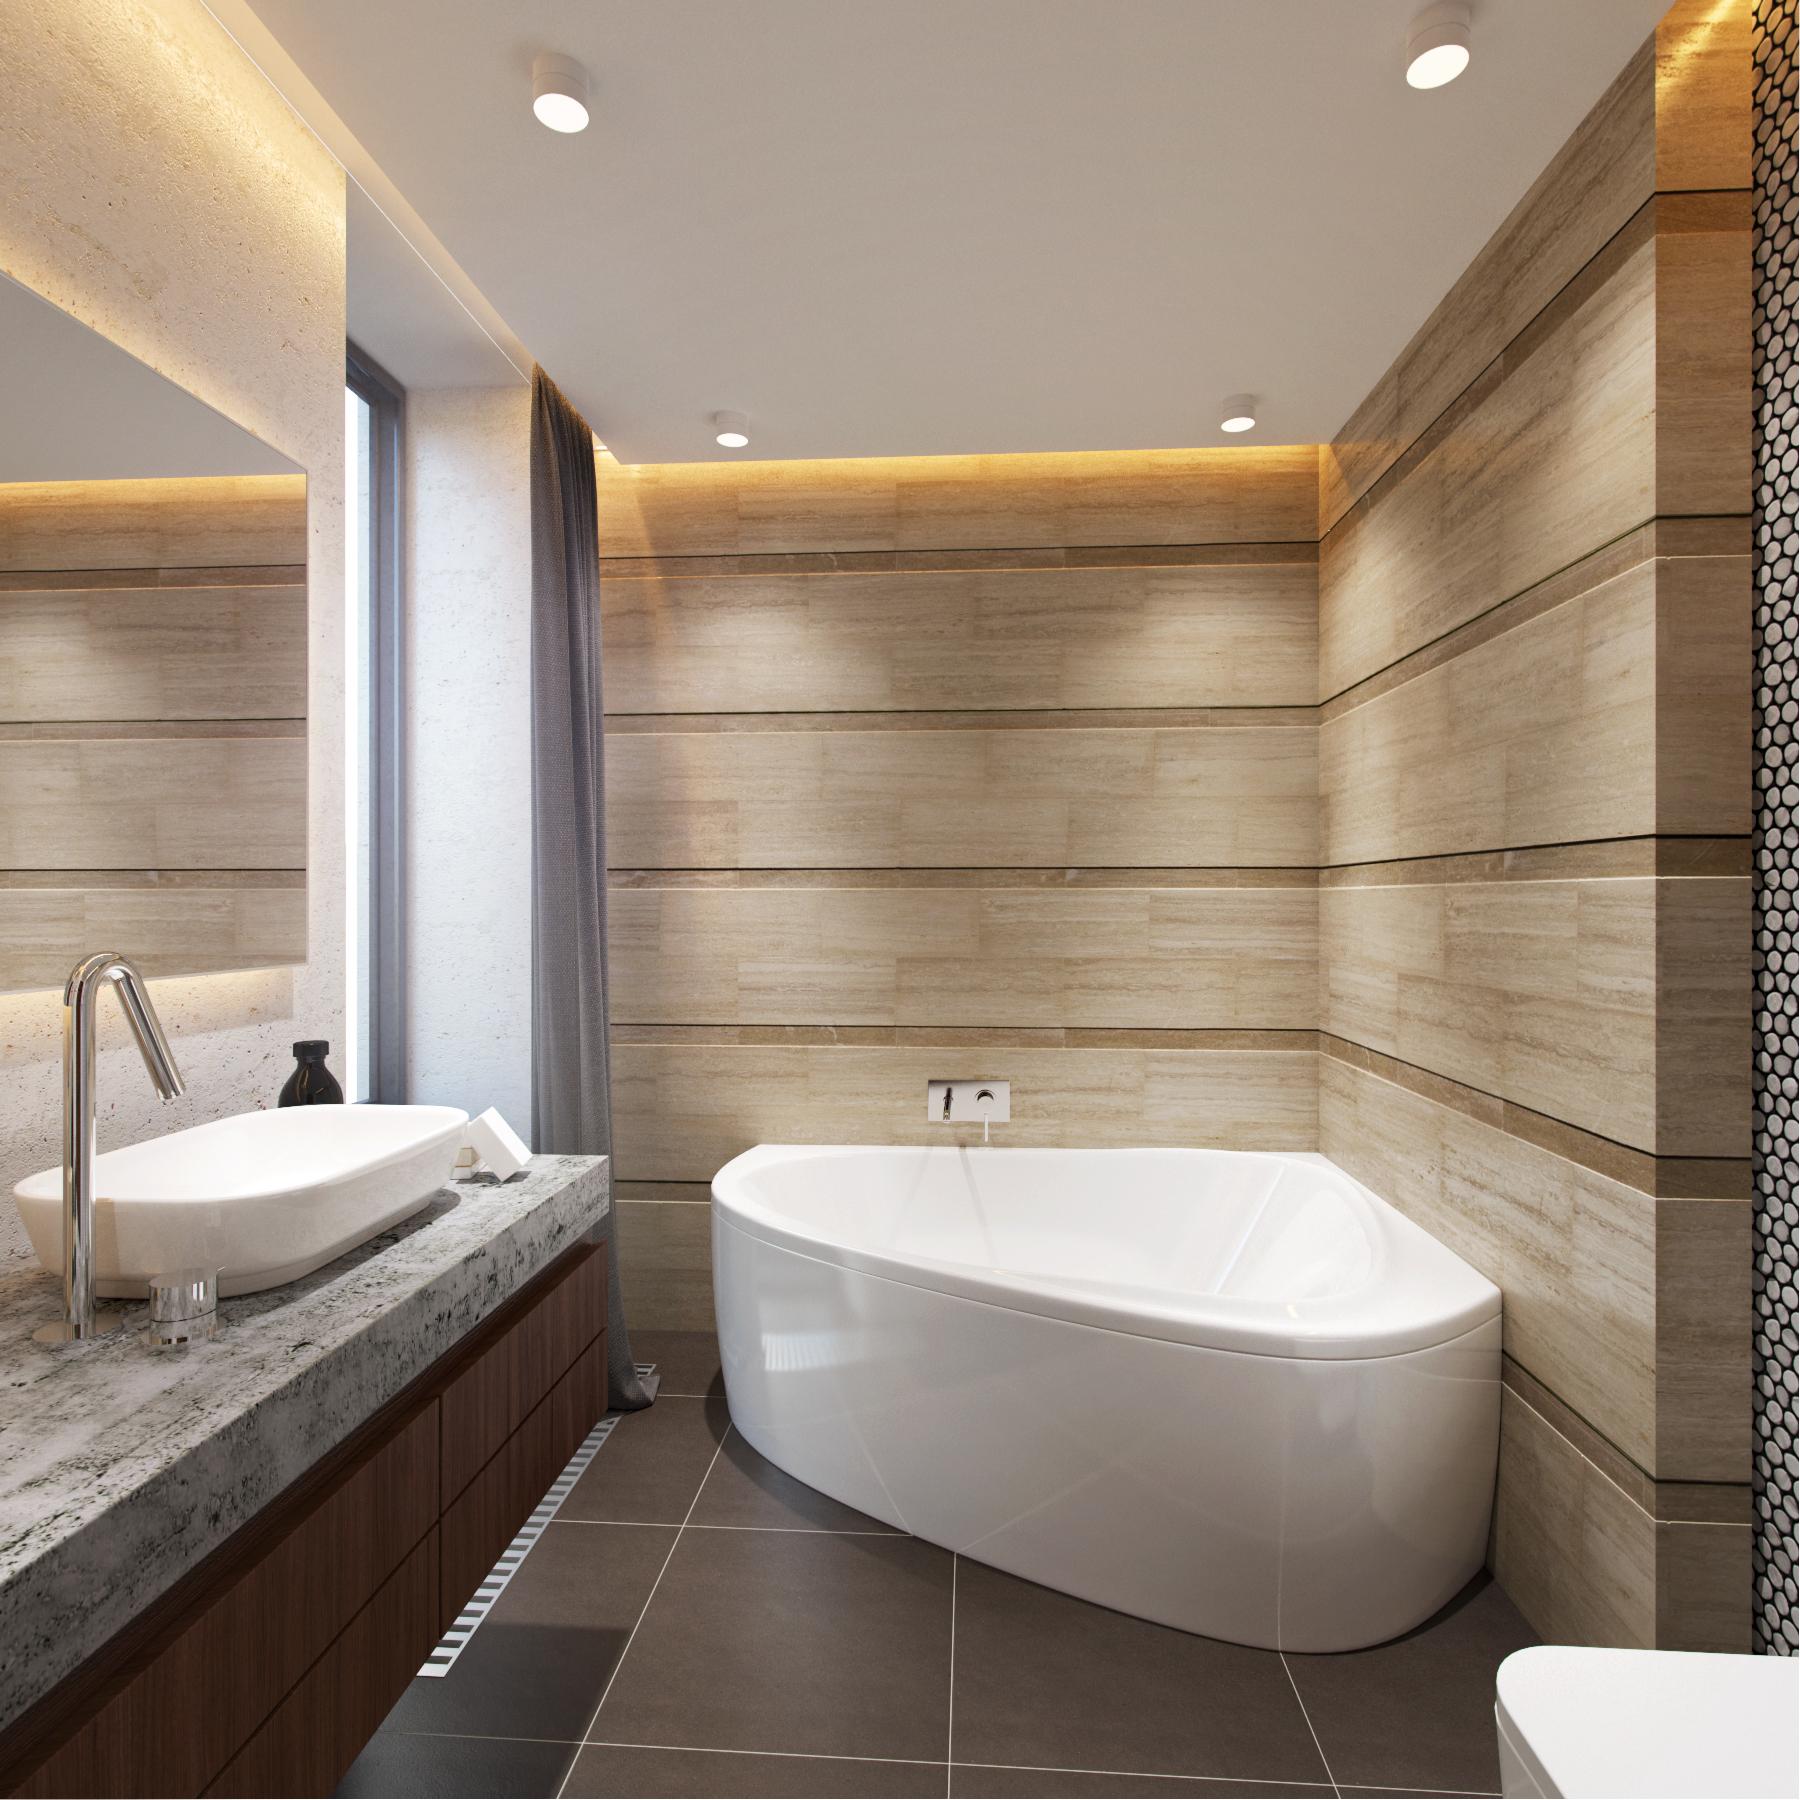 Ванна – это центральная часть интерьера любой ванной комнаты. Огромную роль  играет и расположение коммуникаций 622925cca8940